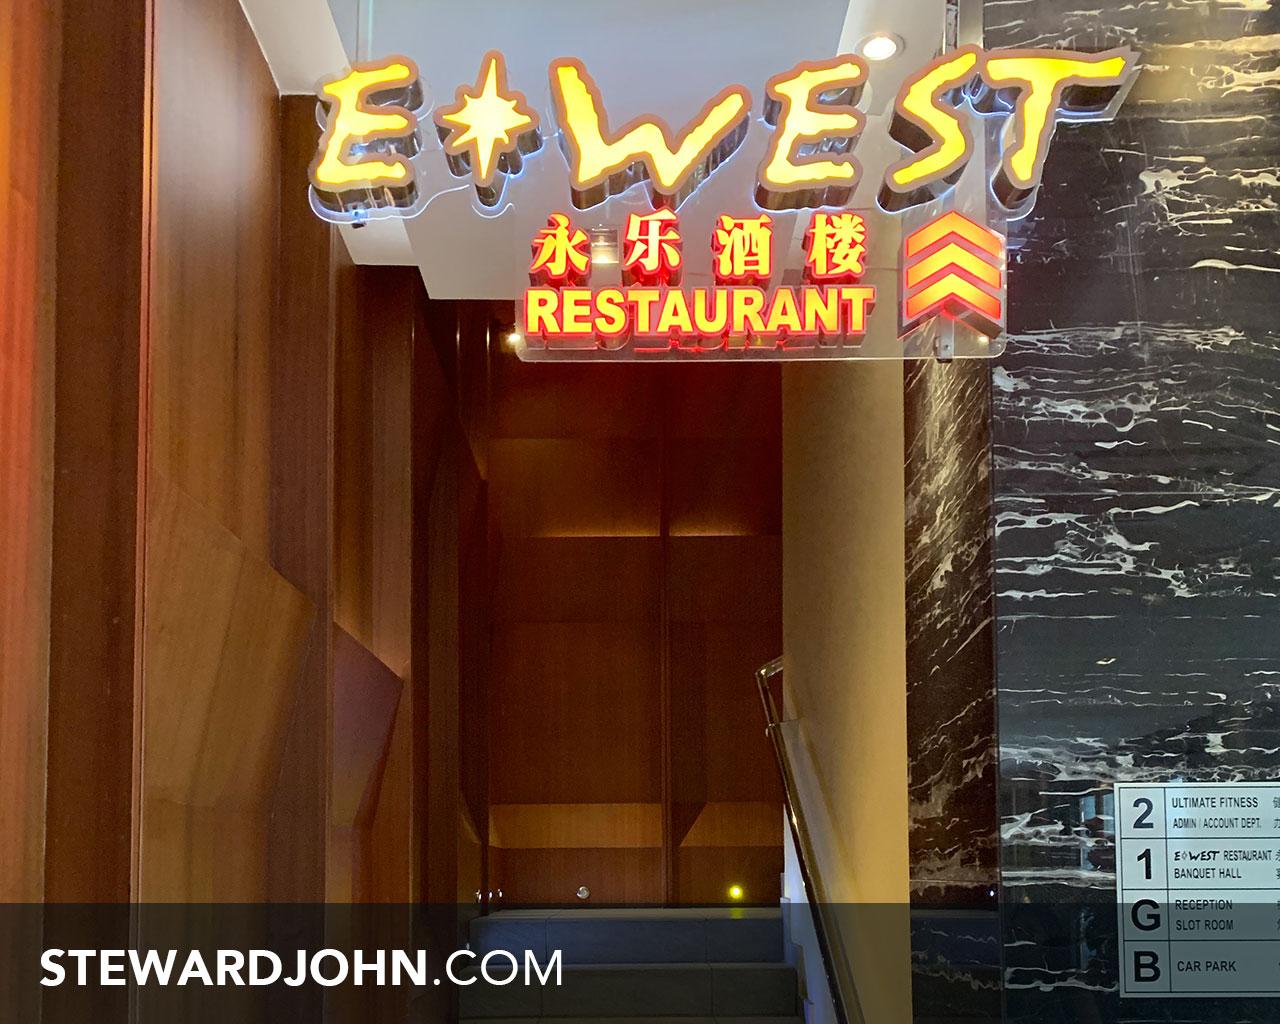 E-West-restaurant-luyang-2